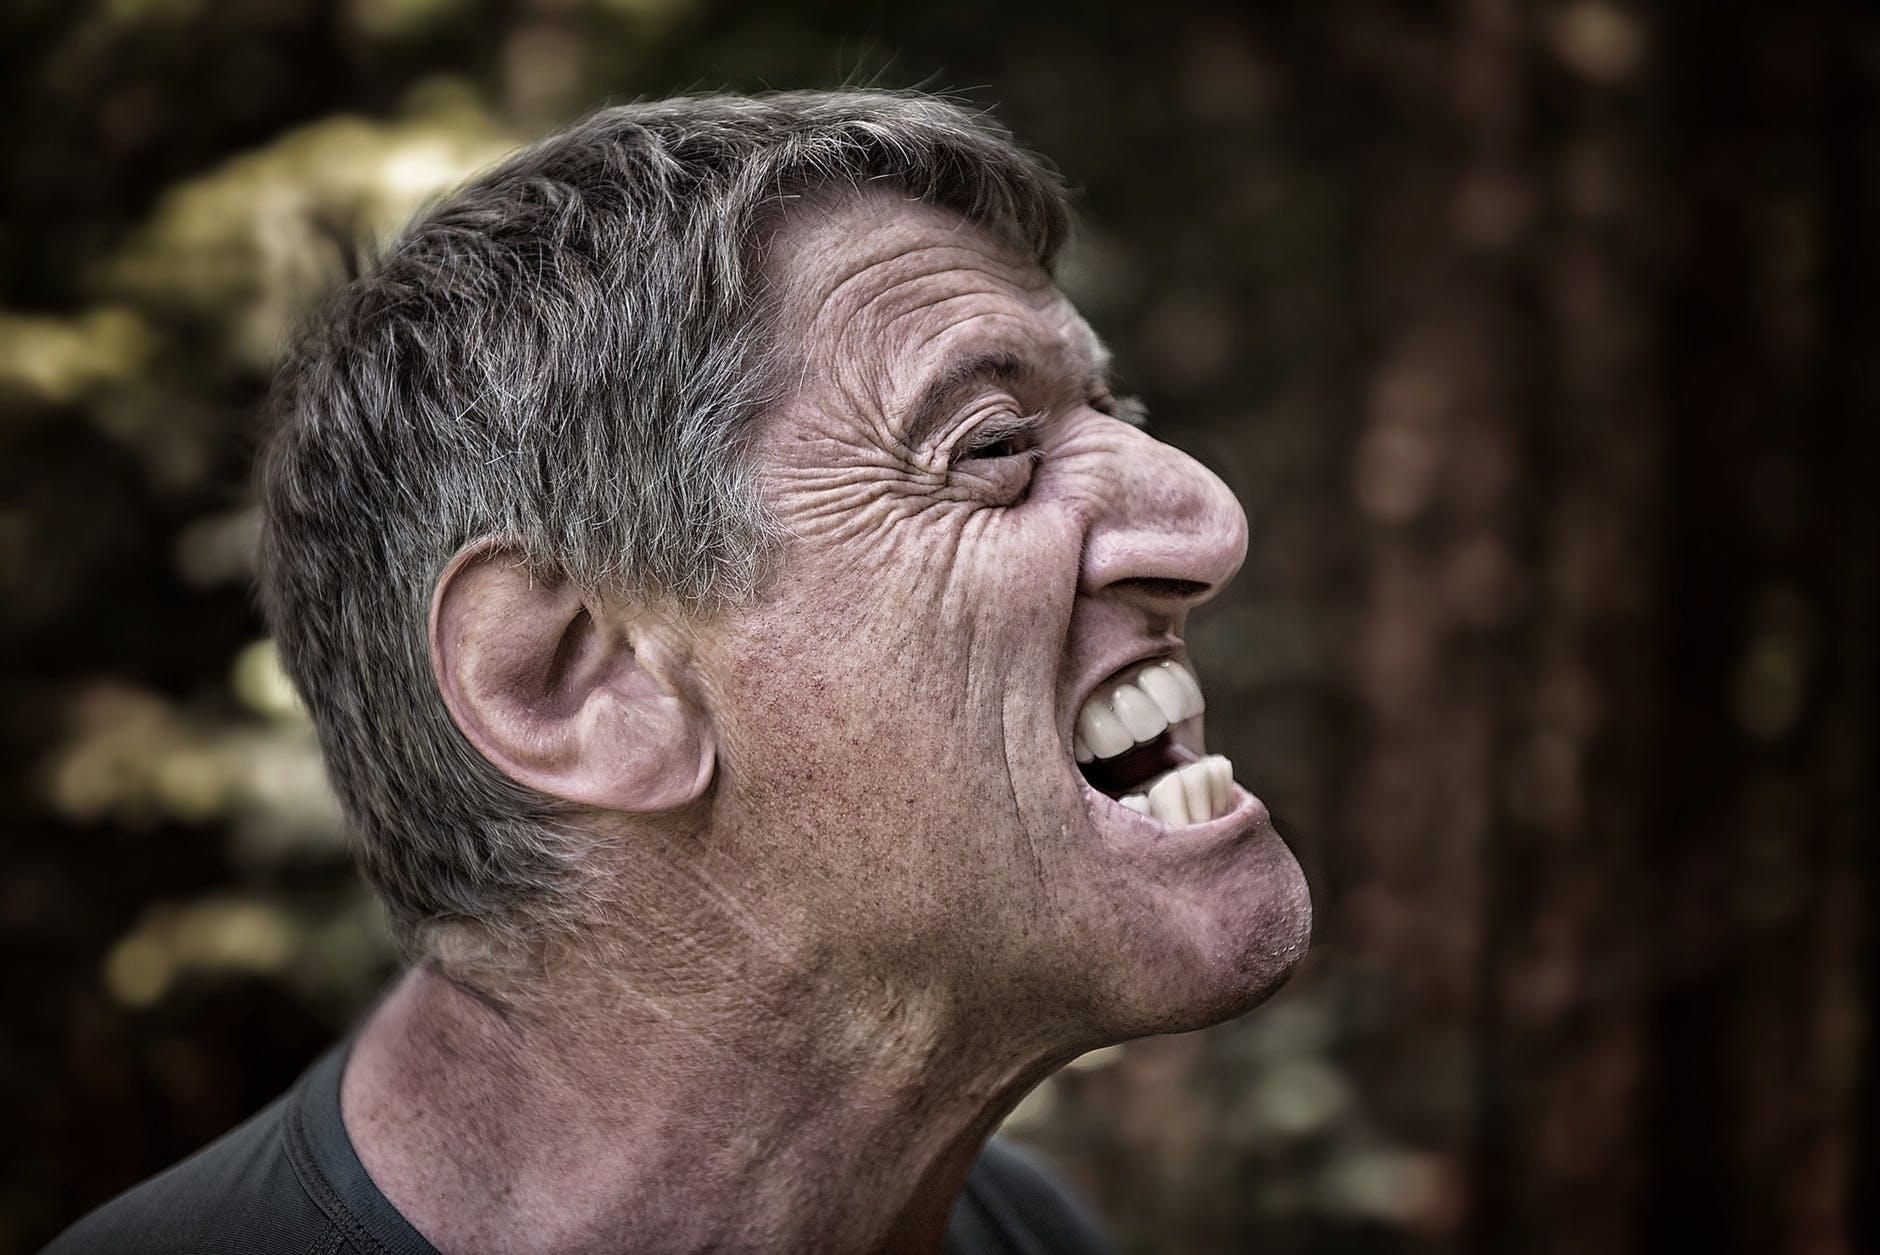 man person face portrait